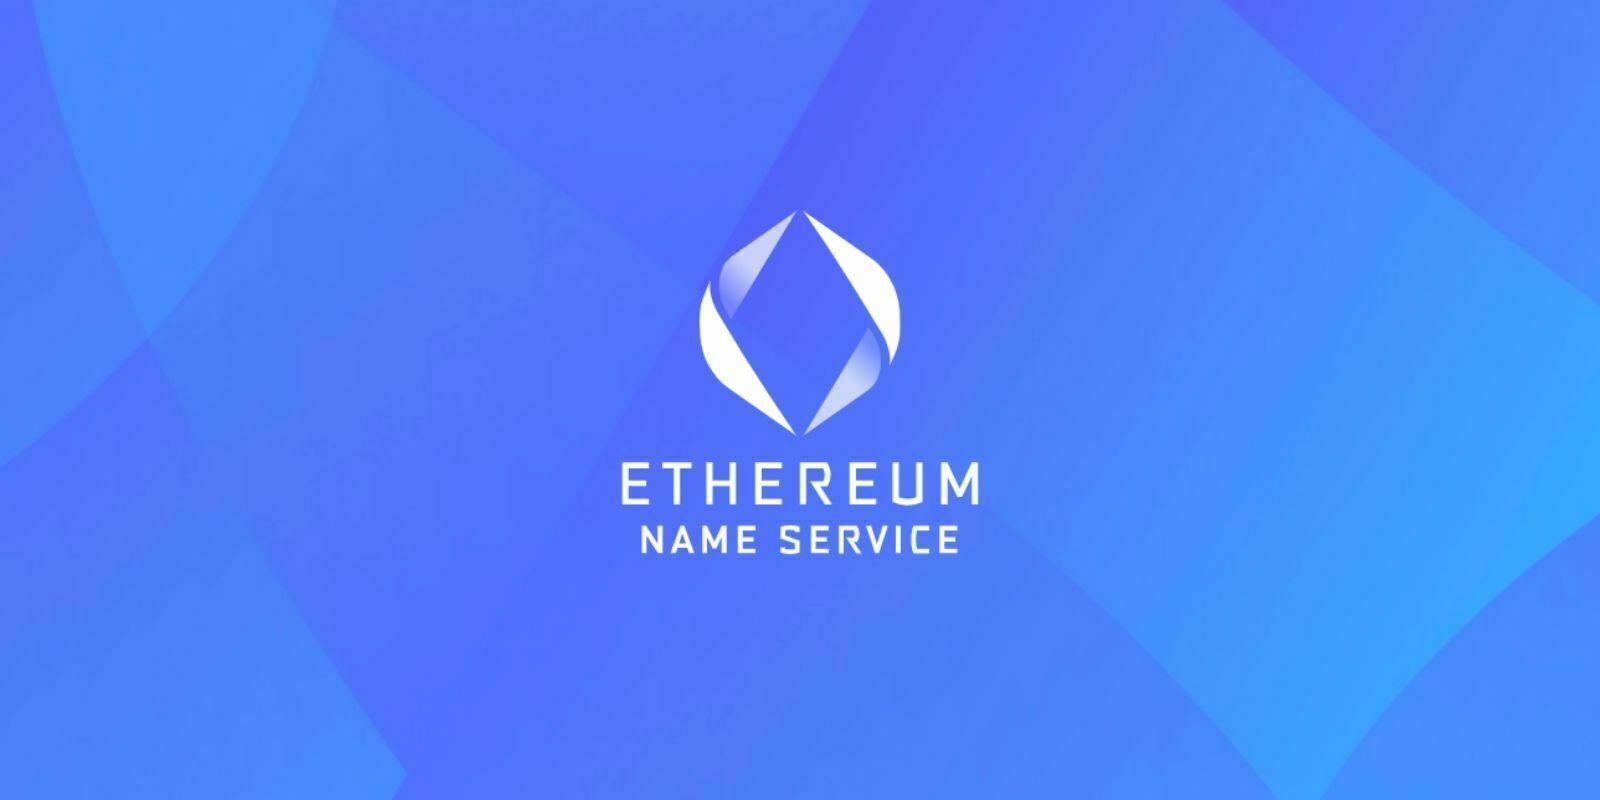 Qu'est-ce que Ethereum Name Service ?